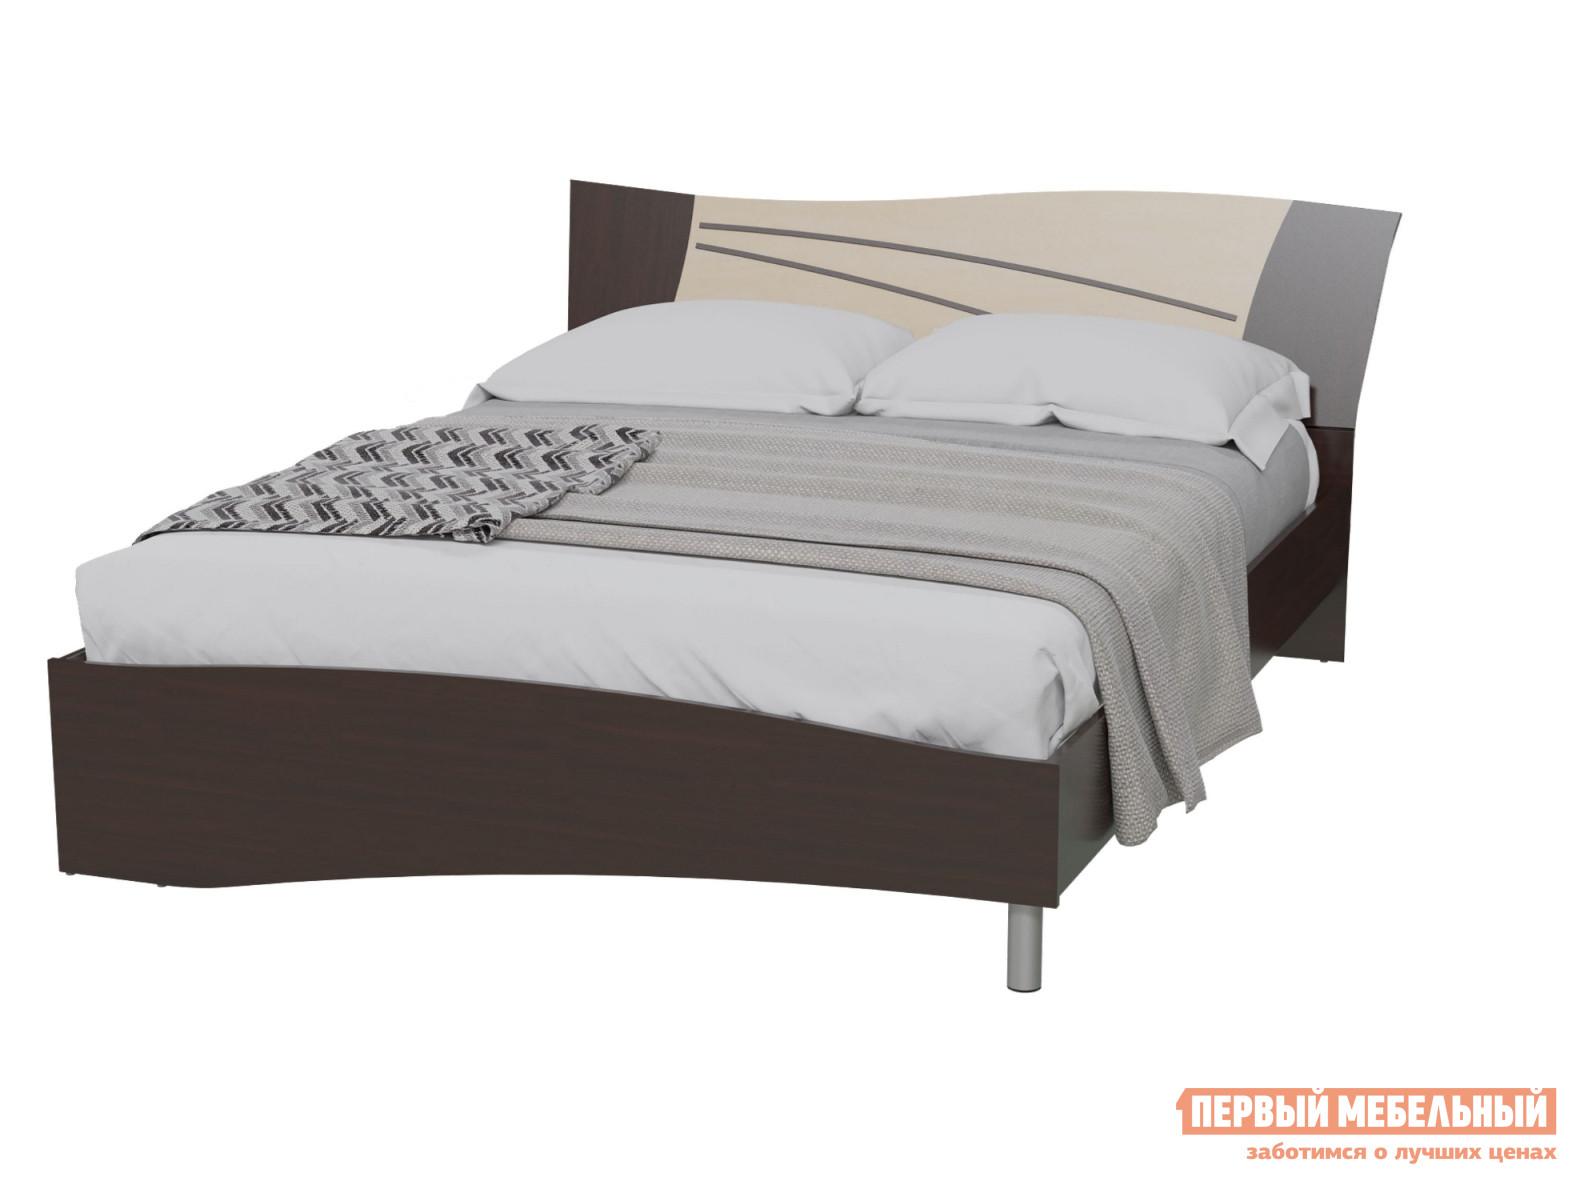 Кровать Гранд Кволити 4-1809 Венге / Береза,Без тумбы,Без матраса от Купистол